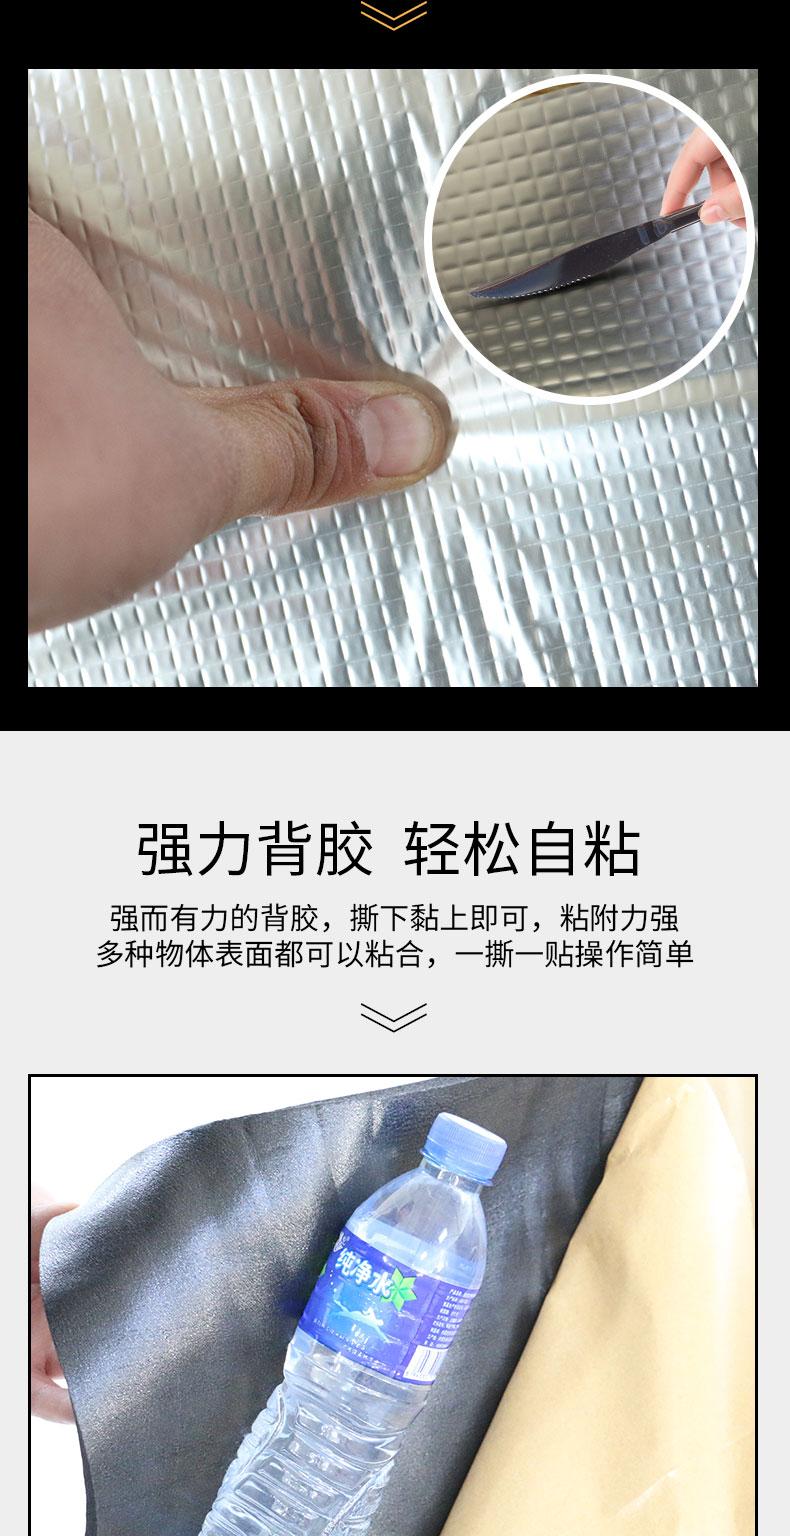 橡塑保温隔热棉隔热板高密度阻燃防水屋顶温室隔热水箱保温棉板详细照片